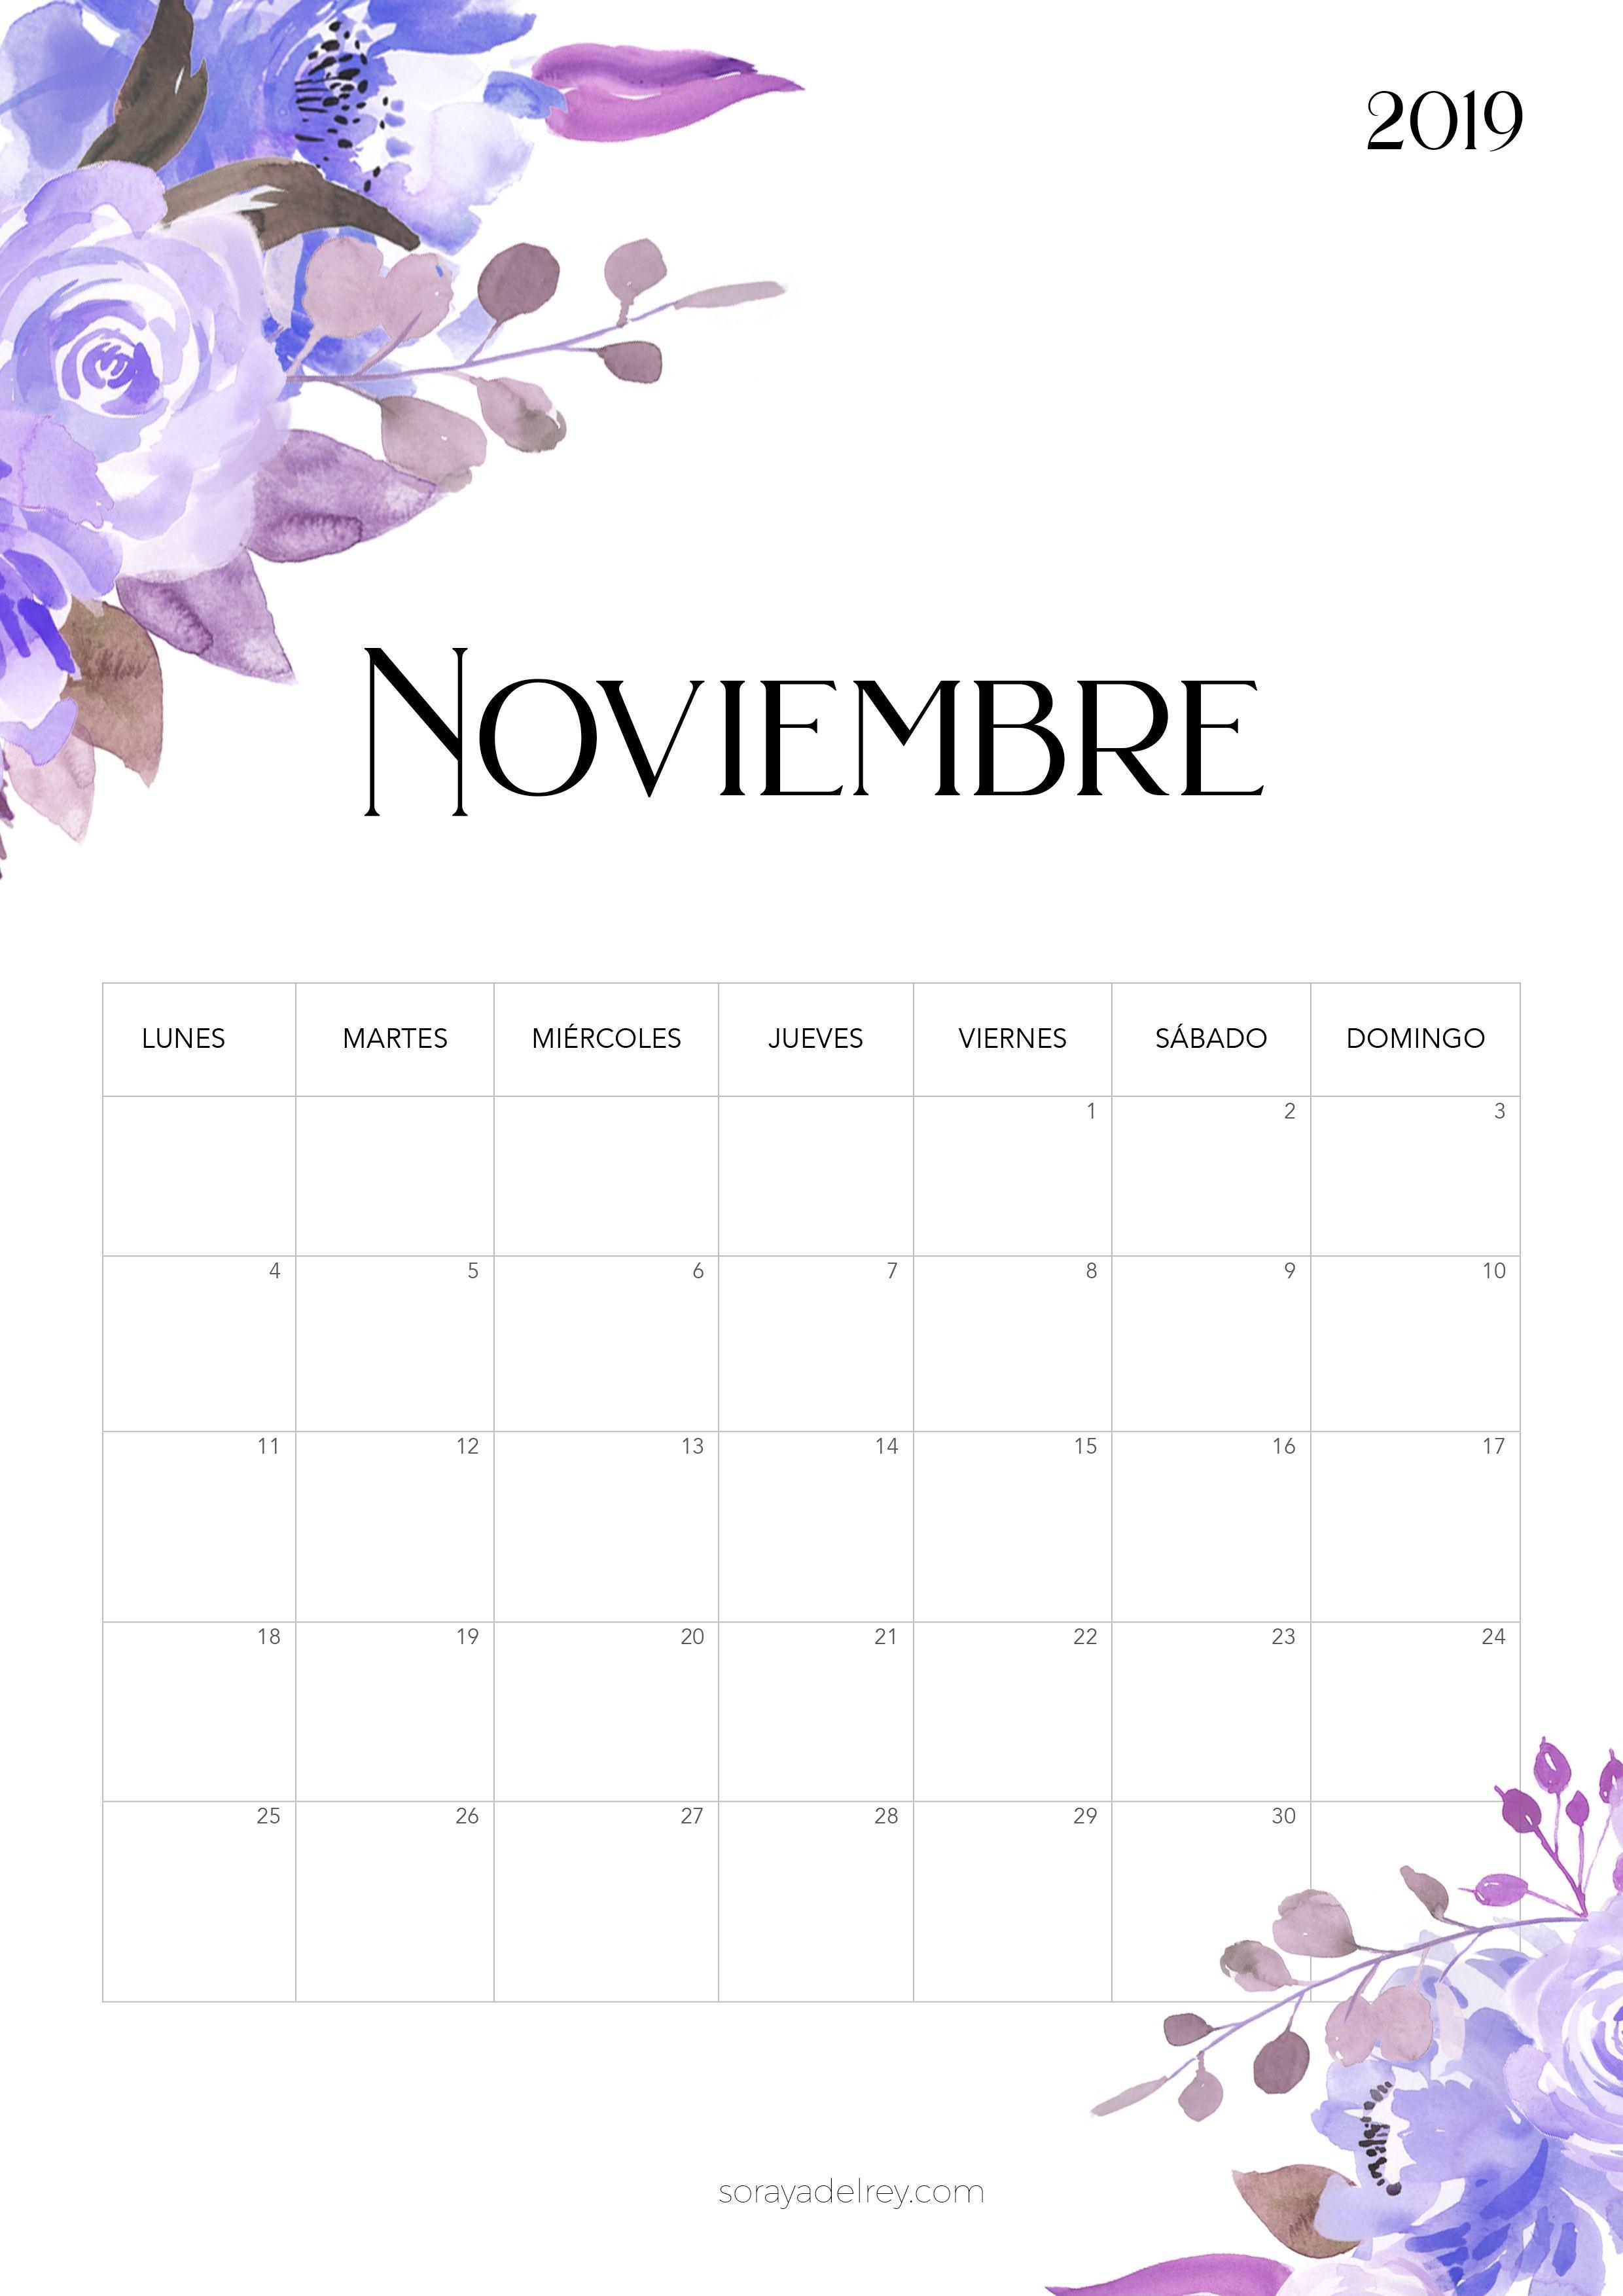 Calendario Enero 2019 Imprimir Gratis Más Recientes Papeleria Para Imprimir Papeleriaparaimprimir En Pinterest